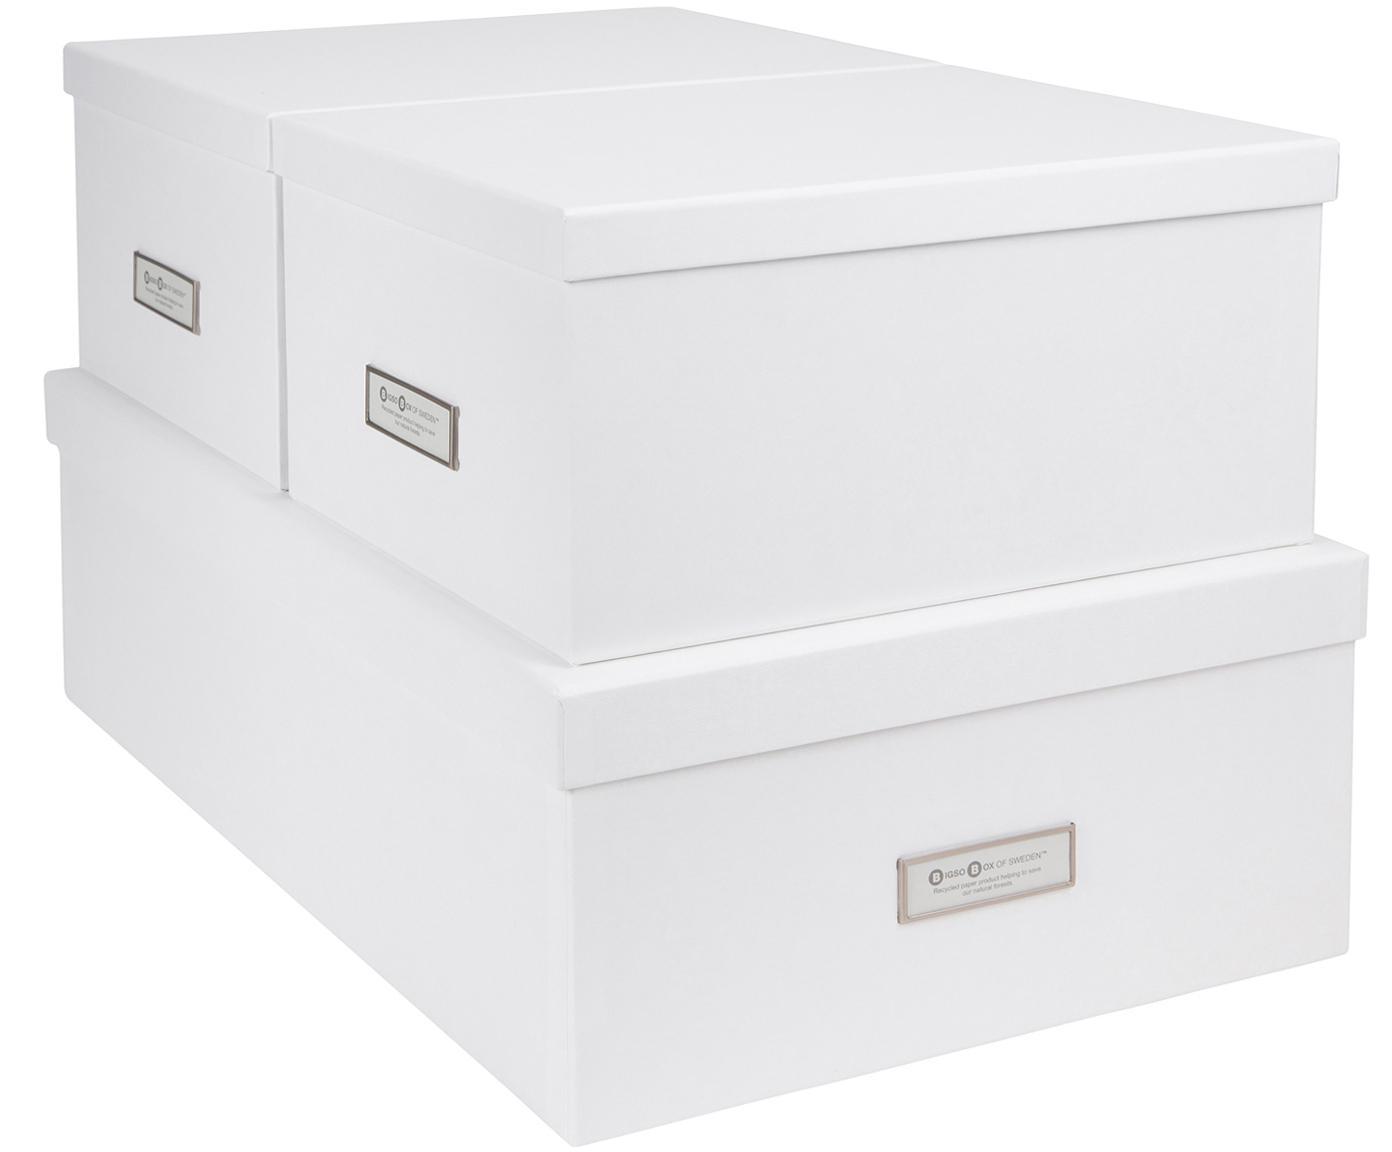 Komplet pudełek do przechowywania Inge, 3 elem., Pudełko na zewnątrz: biały Pudełko wewnątrz: biały, Różne rozmiary